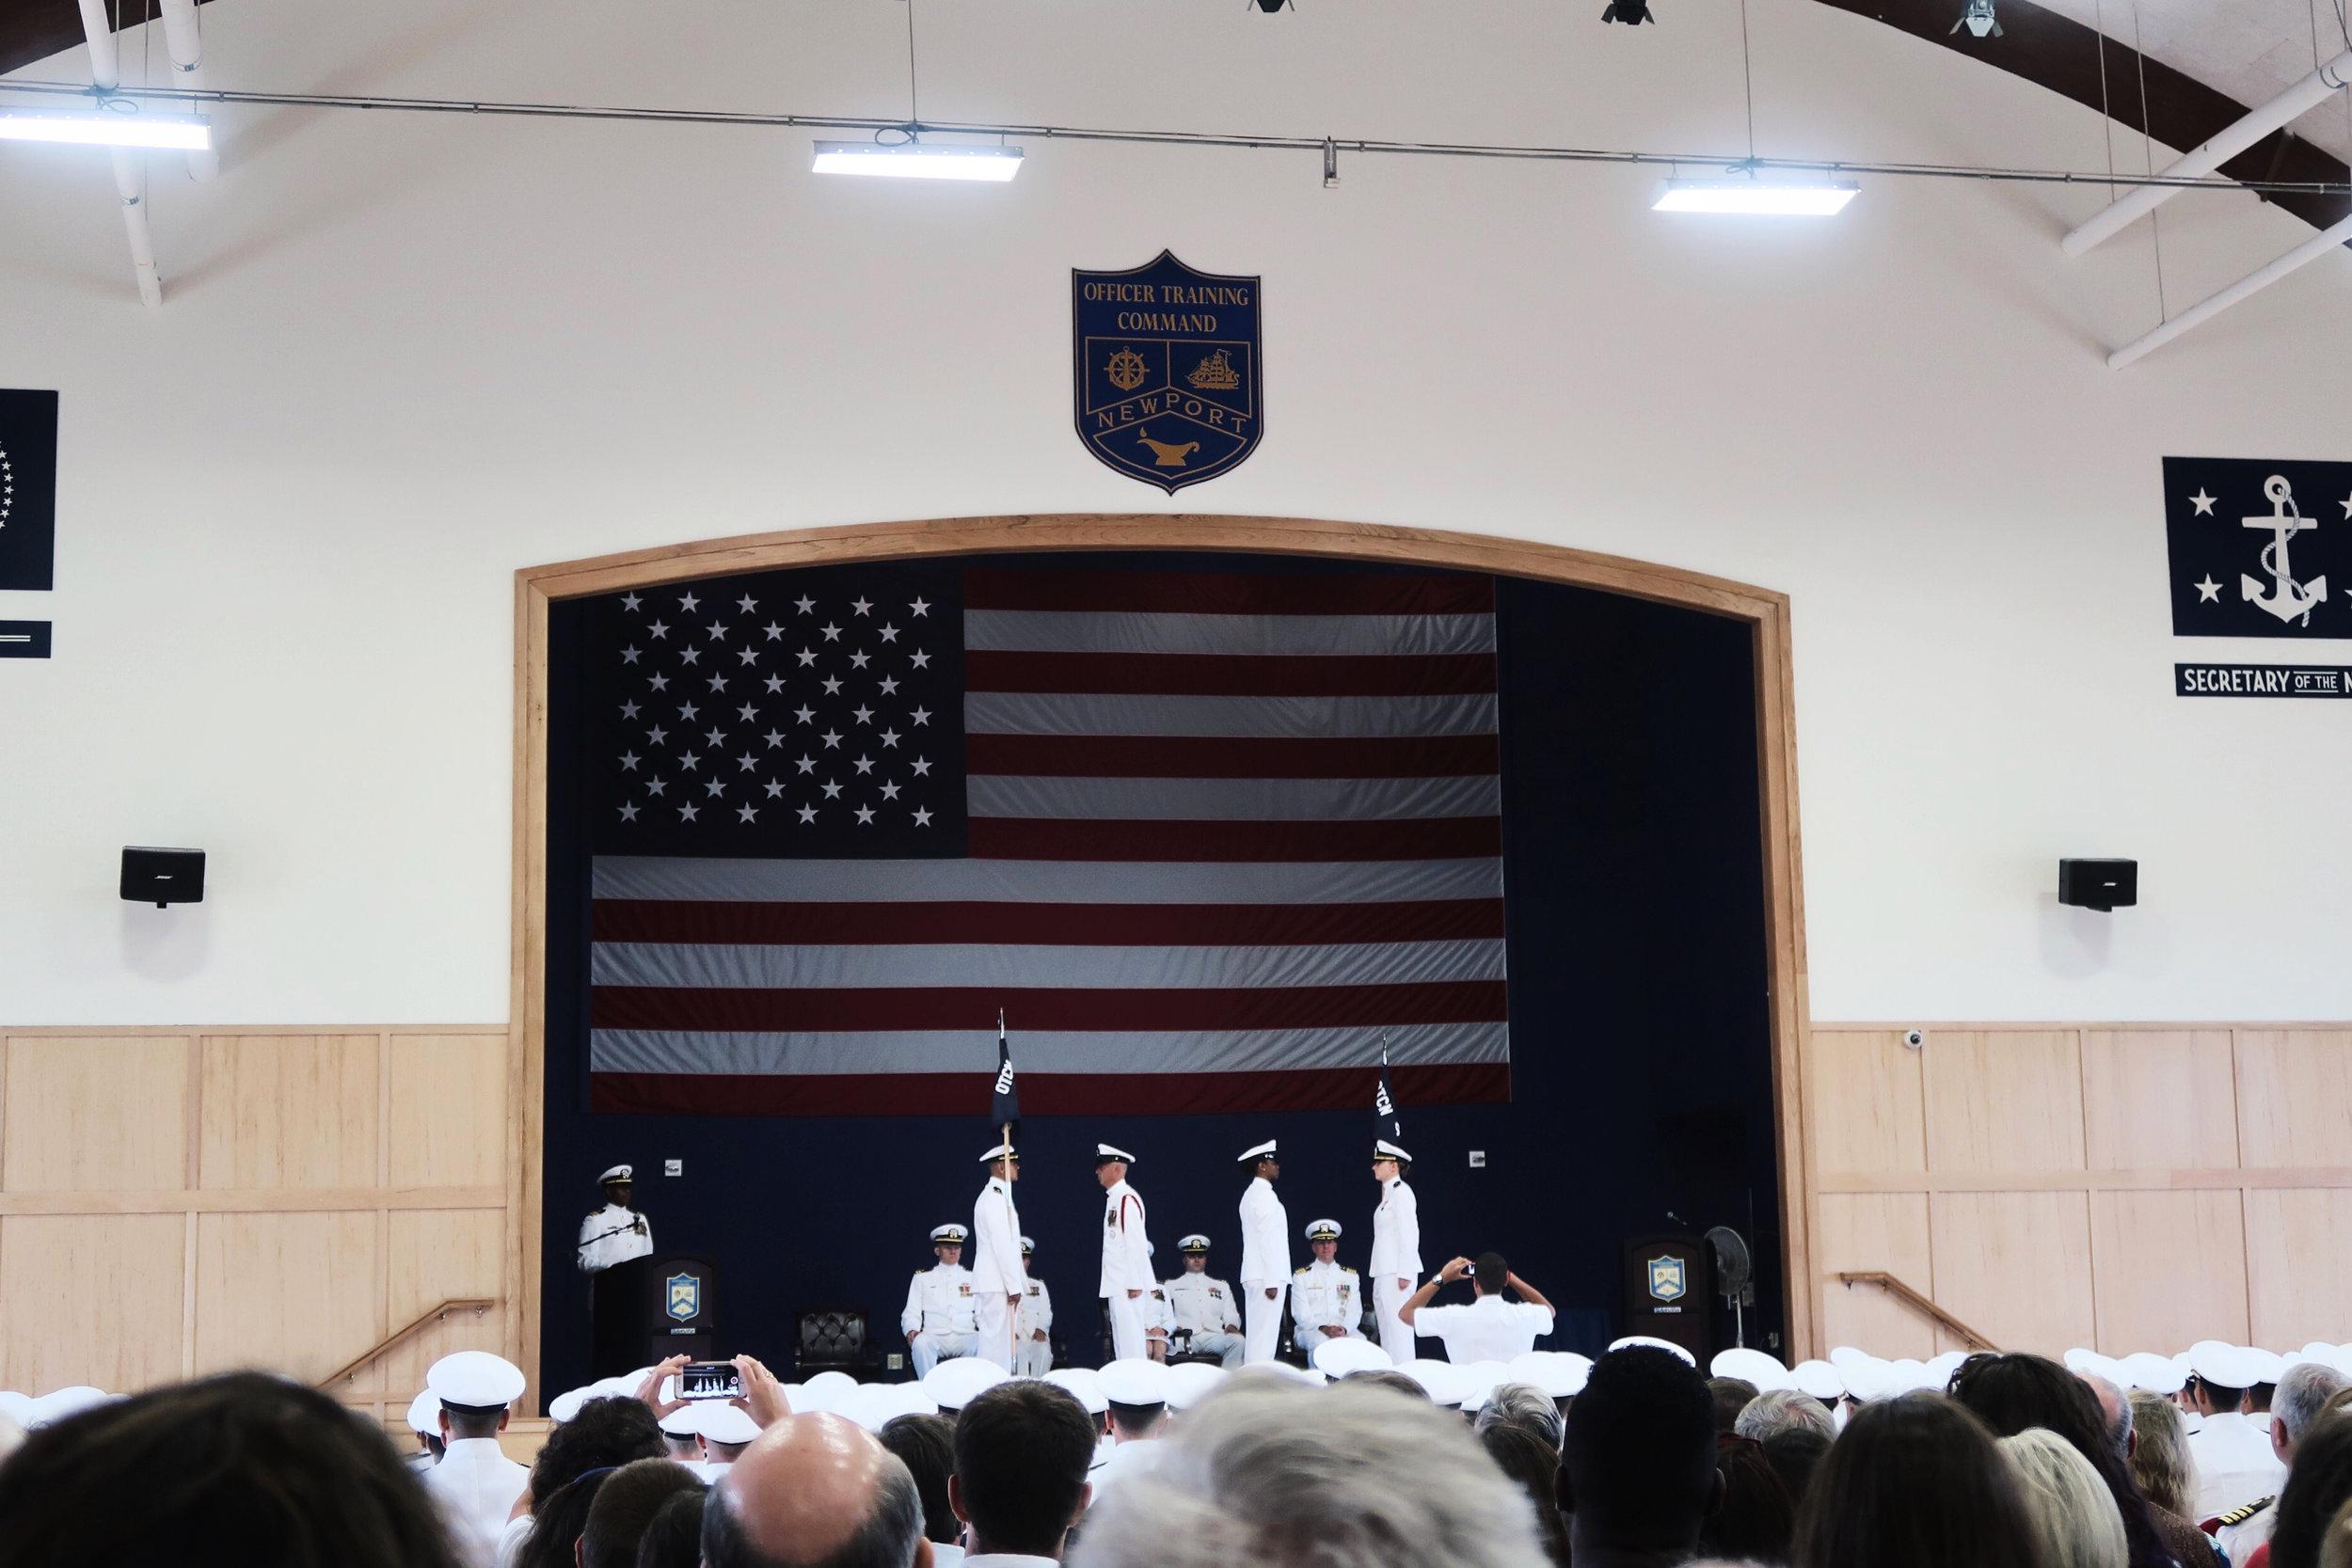 畢業典禮 | Graduation Ceremony